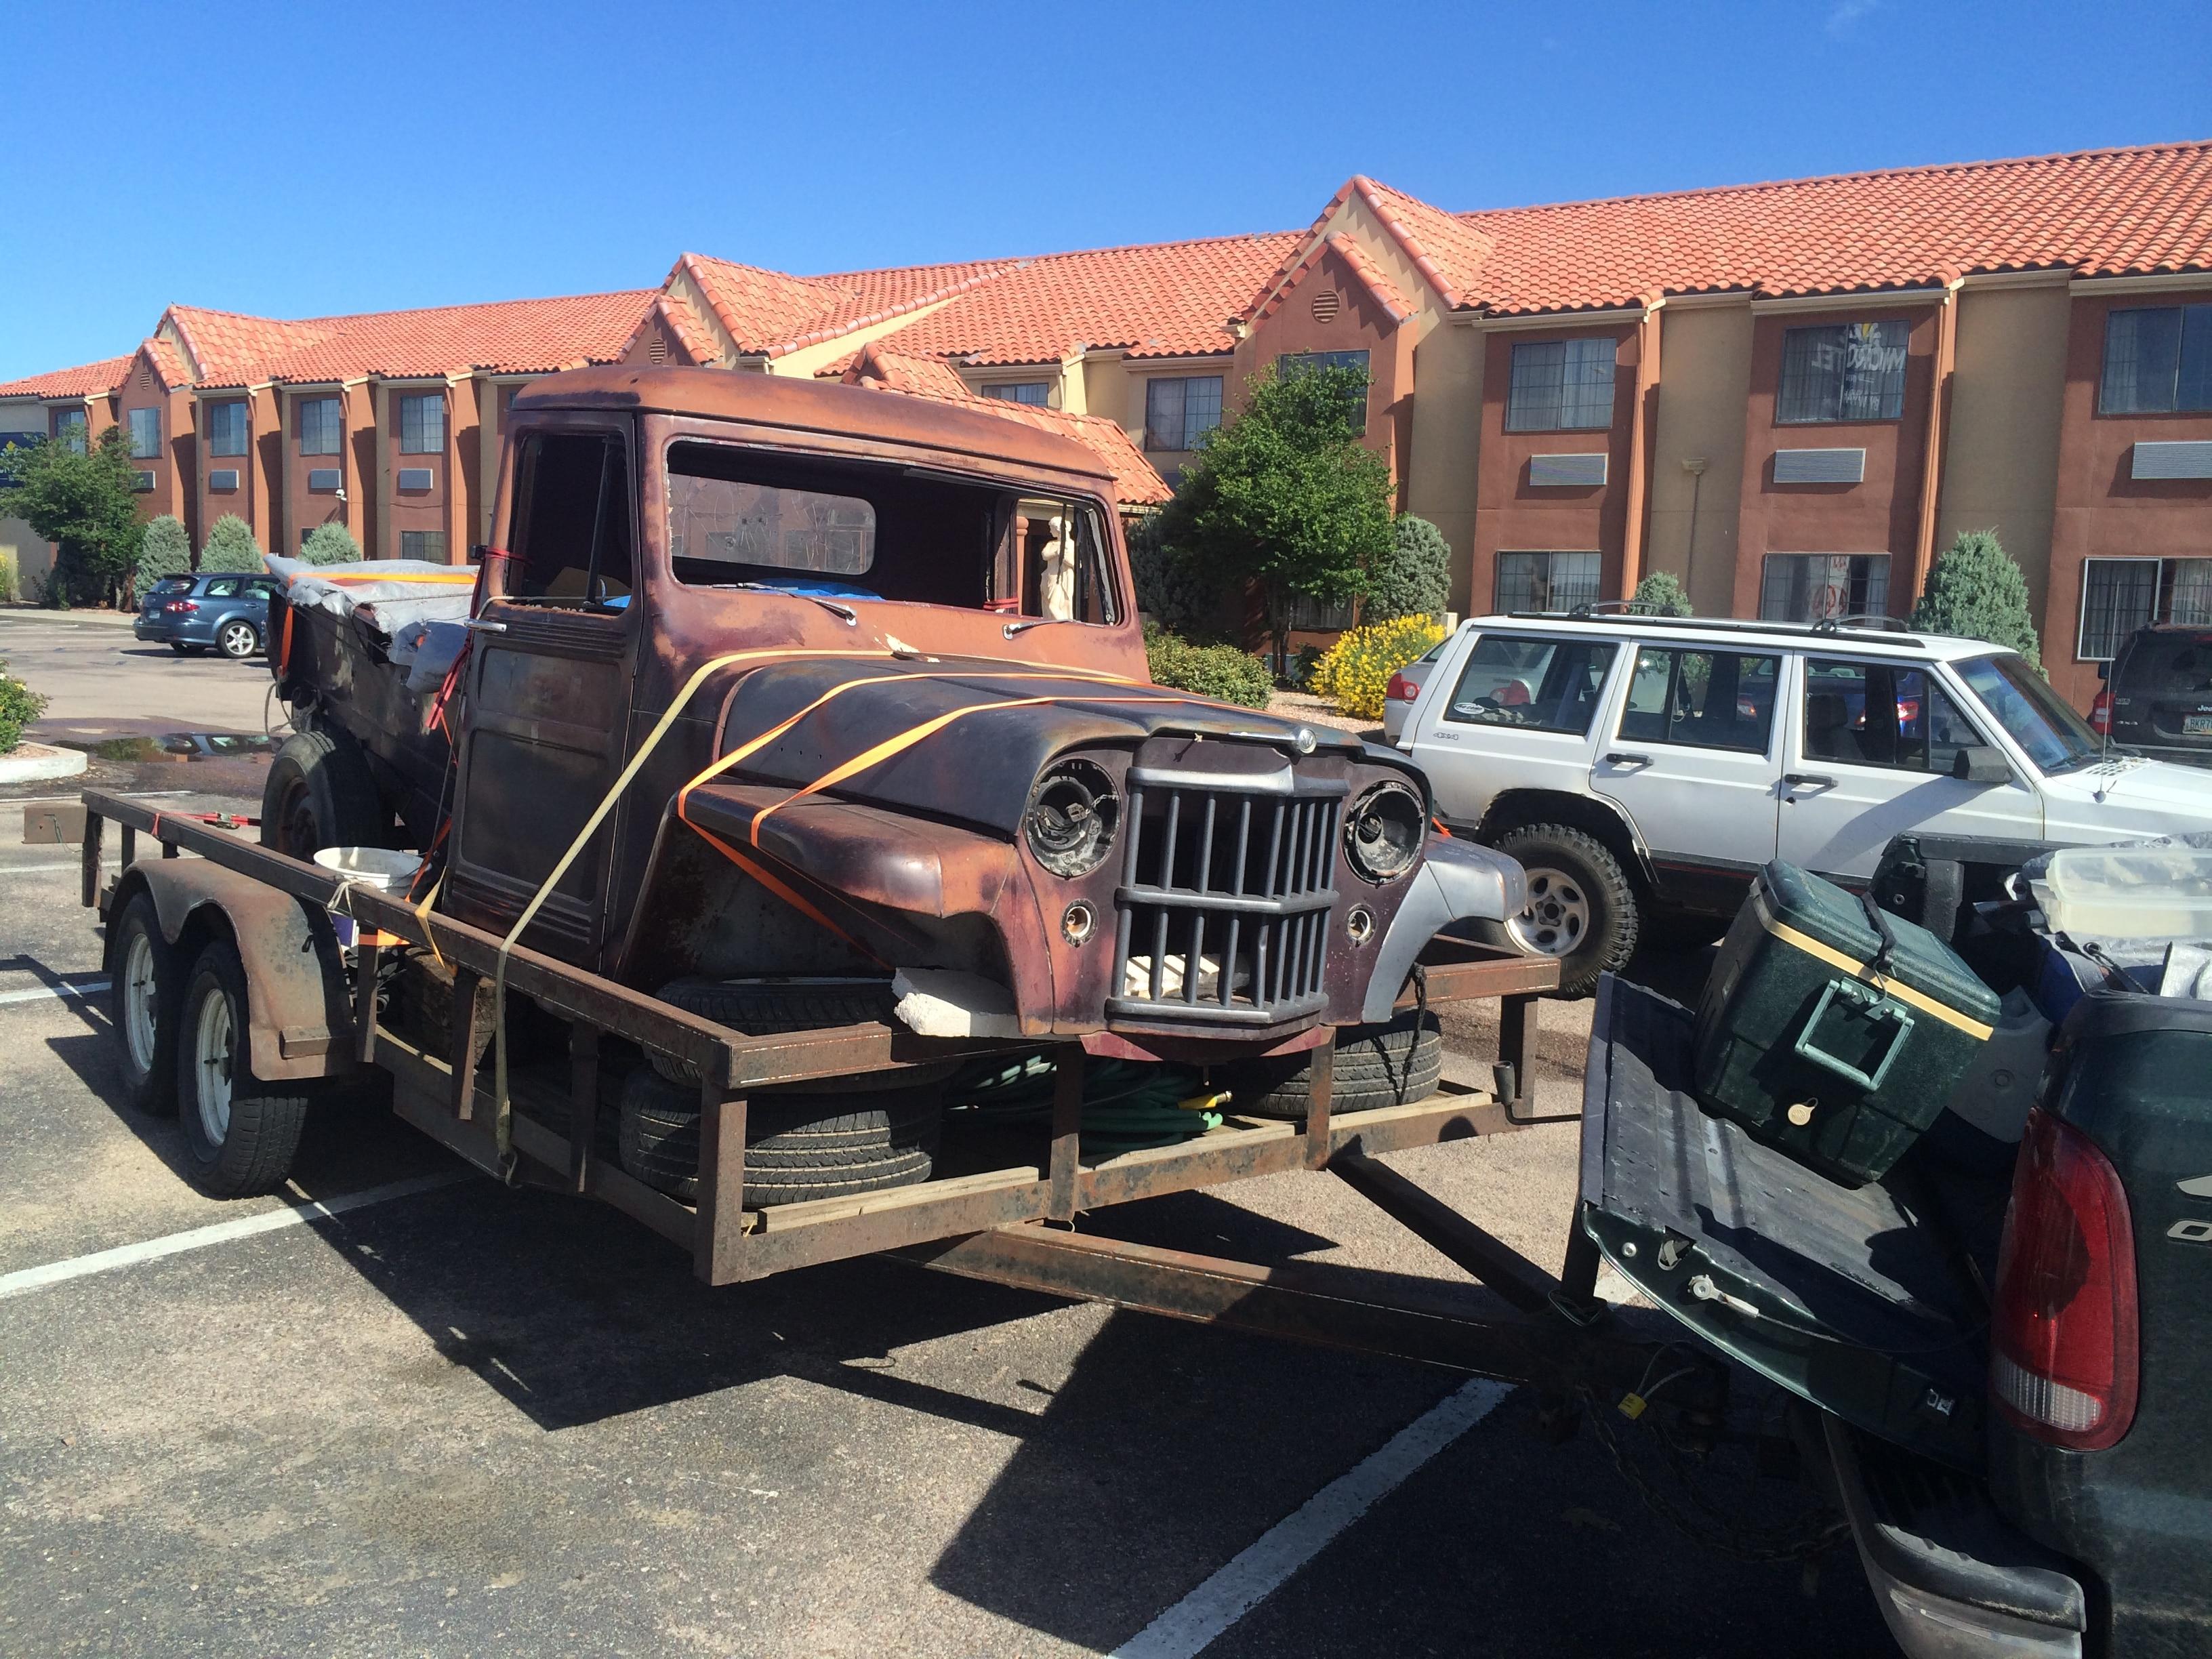 willys truck on trailer.JPG